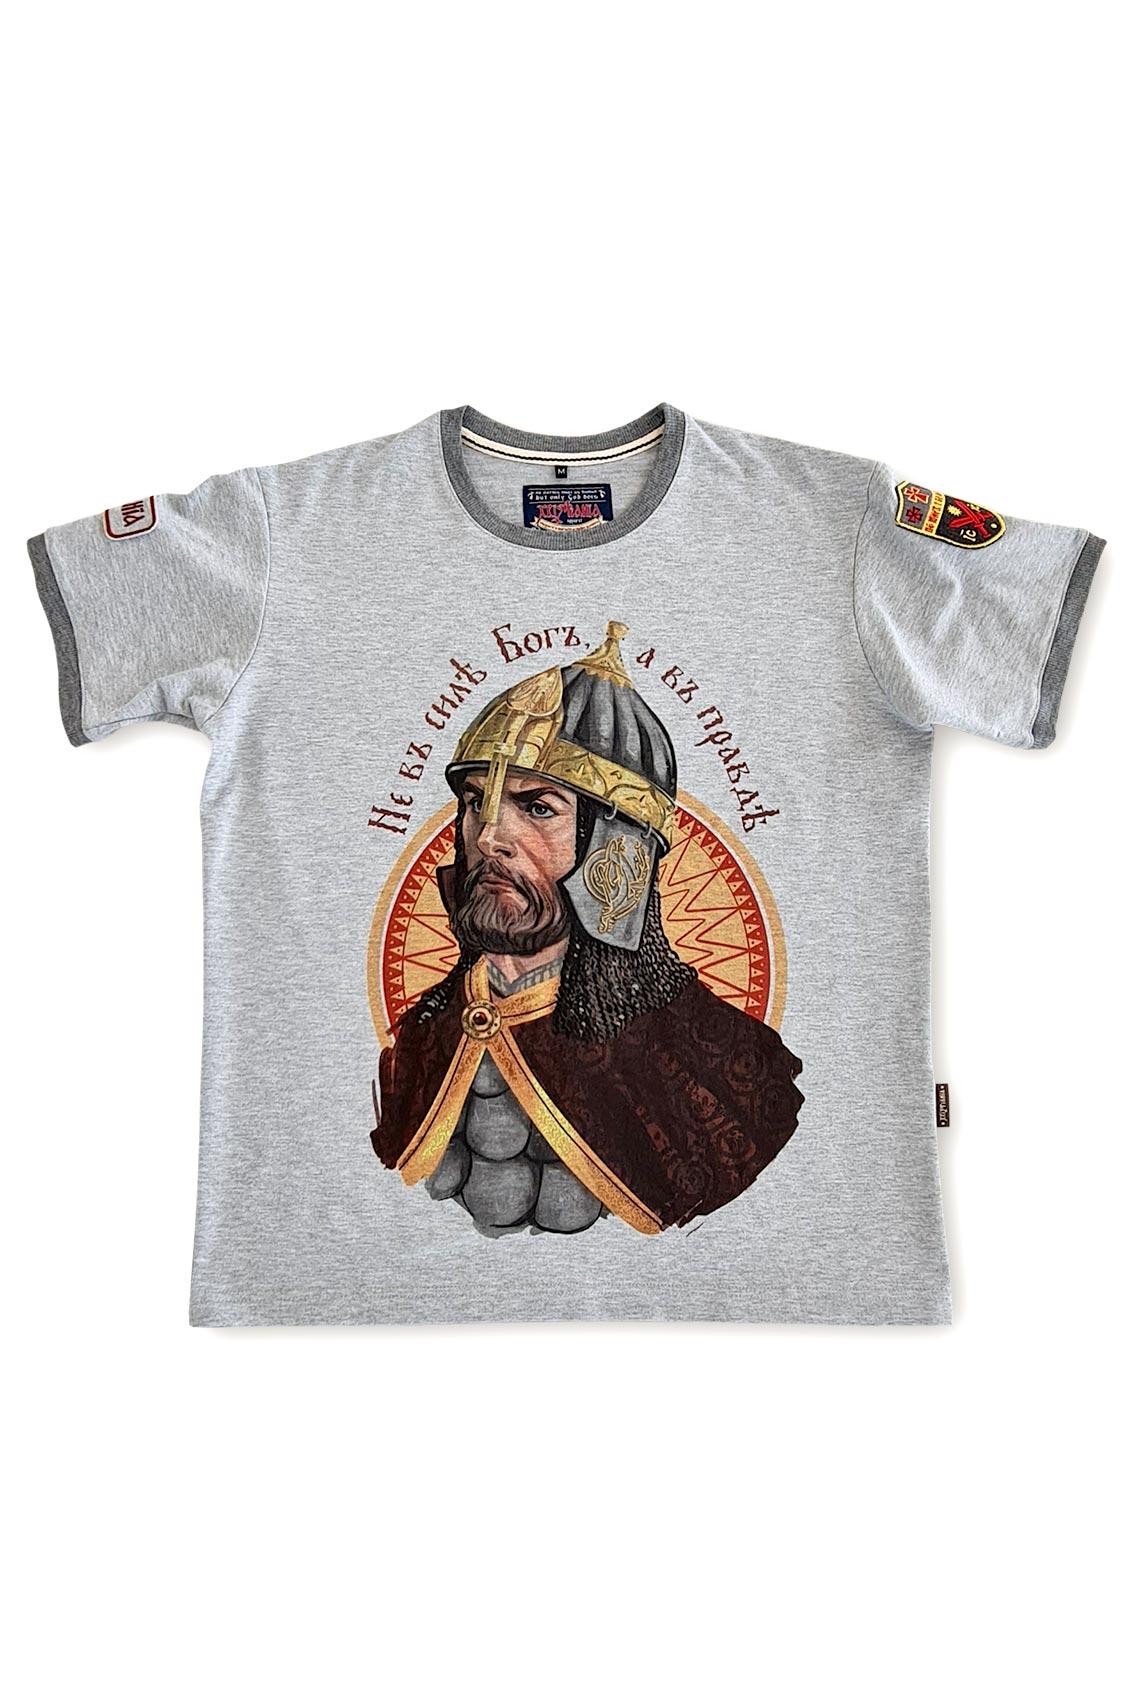 Не в силе Бог а в правде футболки